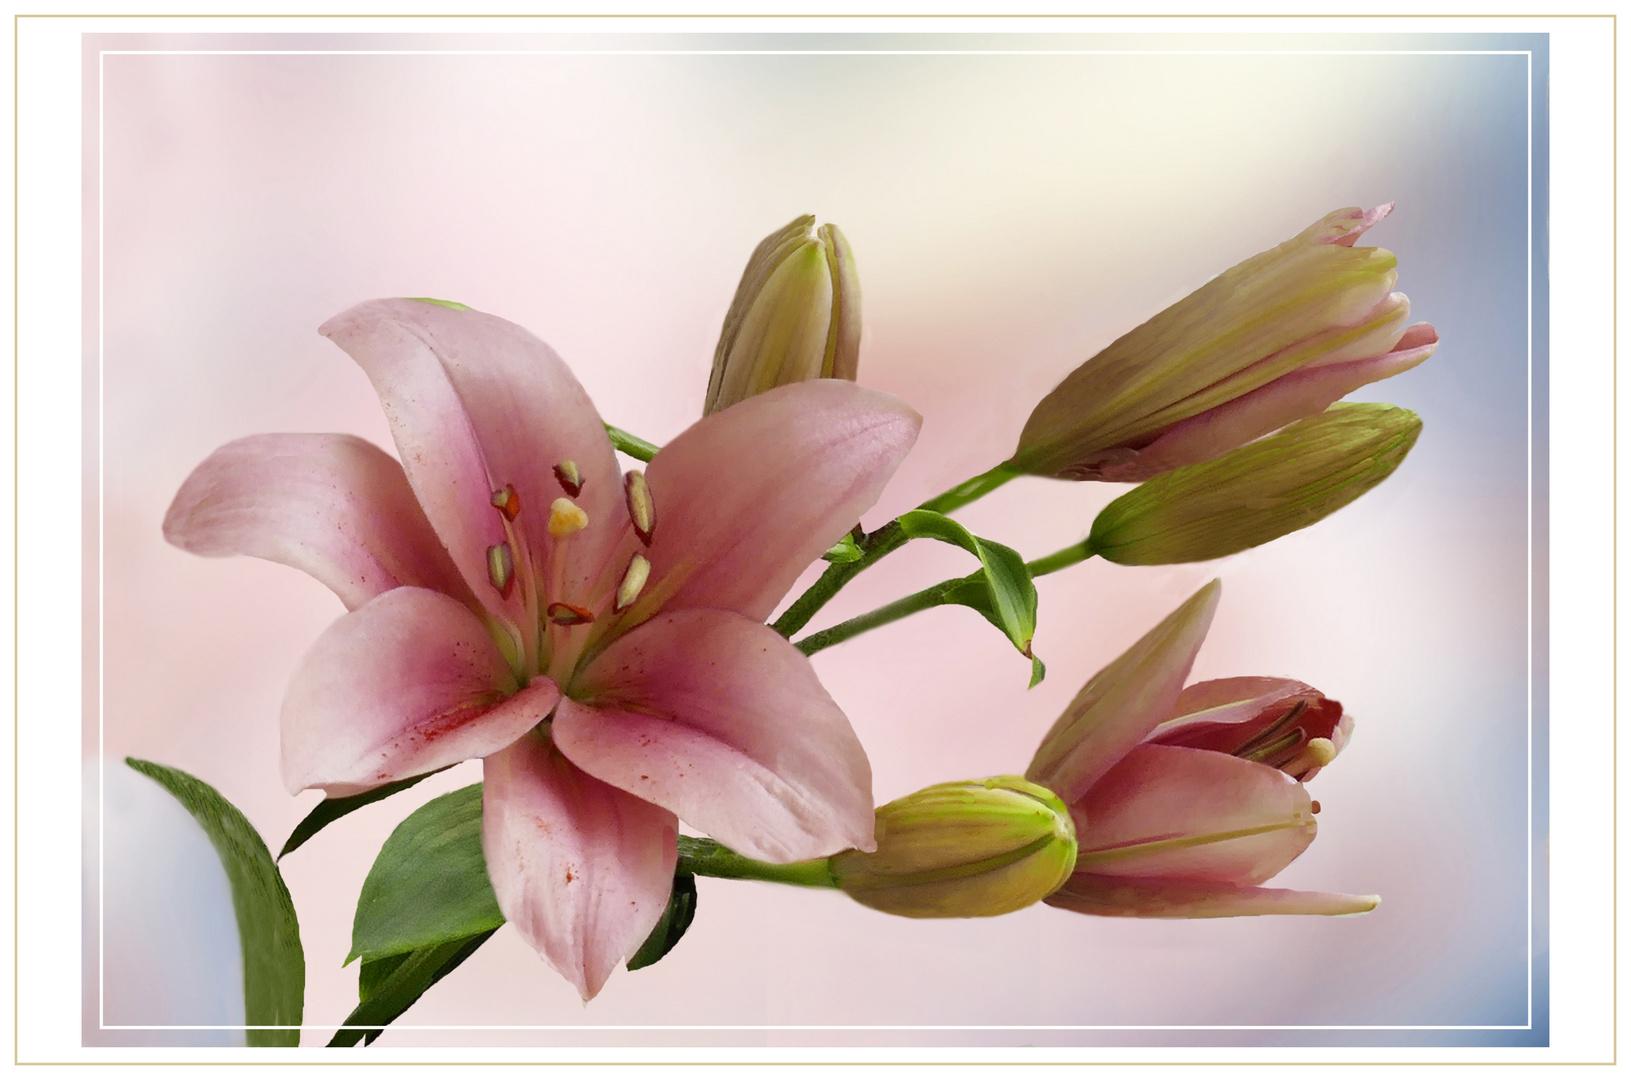 Lilien mit knospen